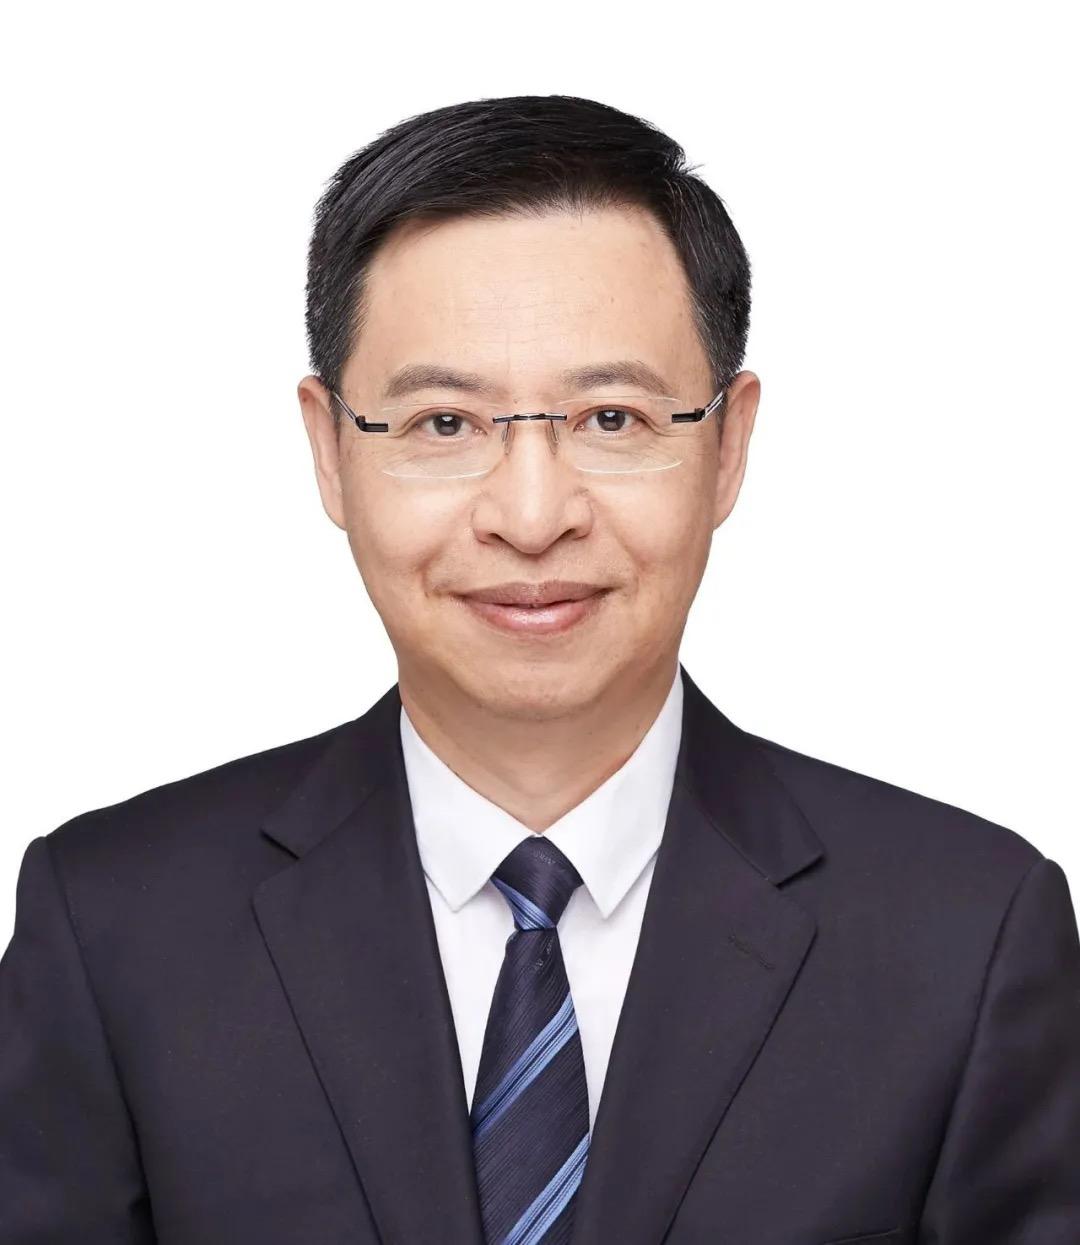 56岁韩龙任矿冶科技集团党委书记、董事长 夏晓鸥到龄退休